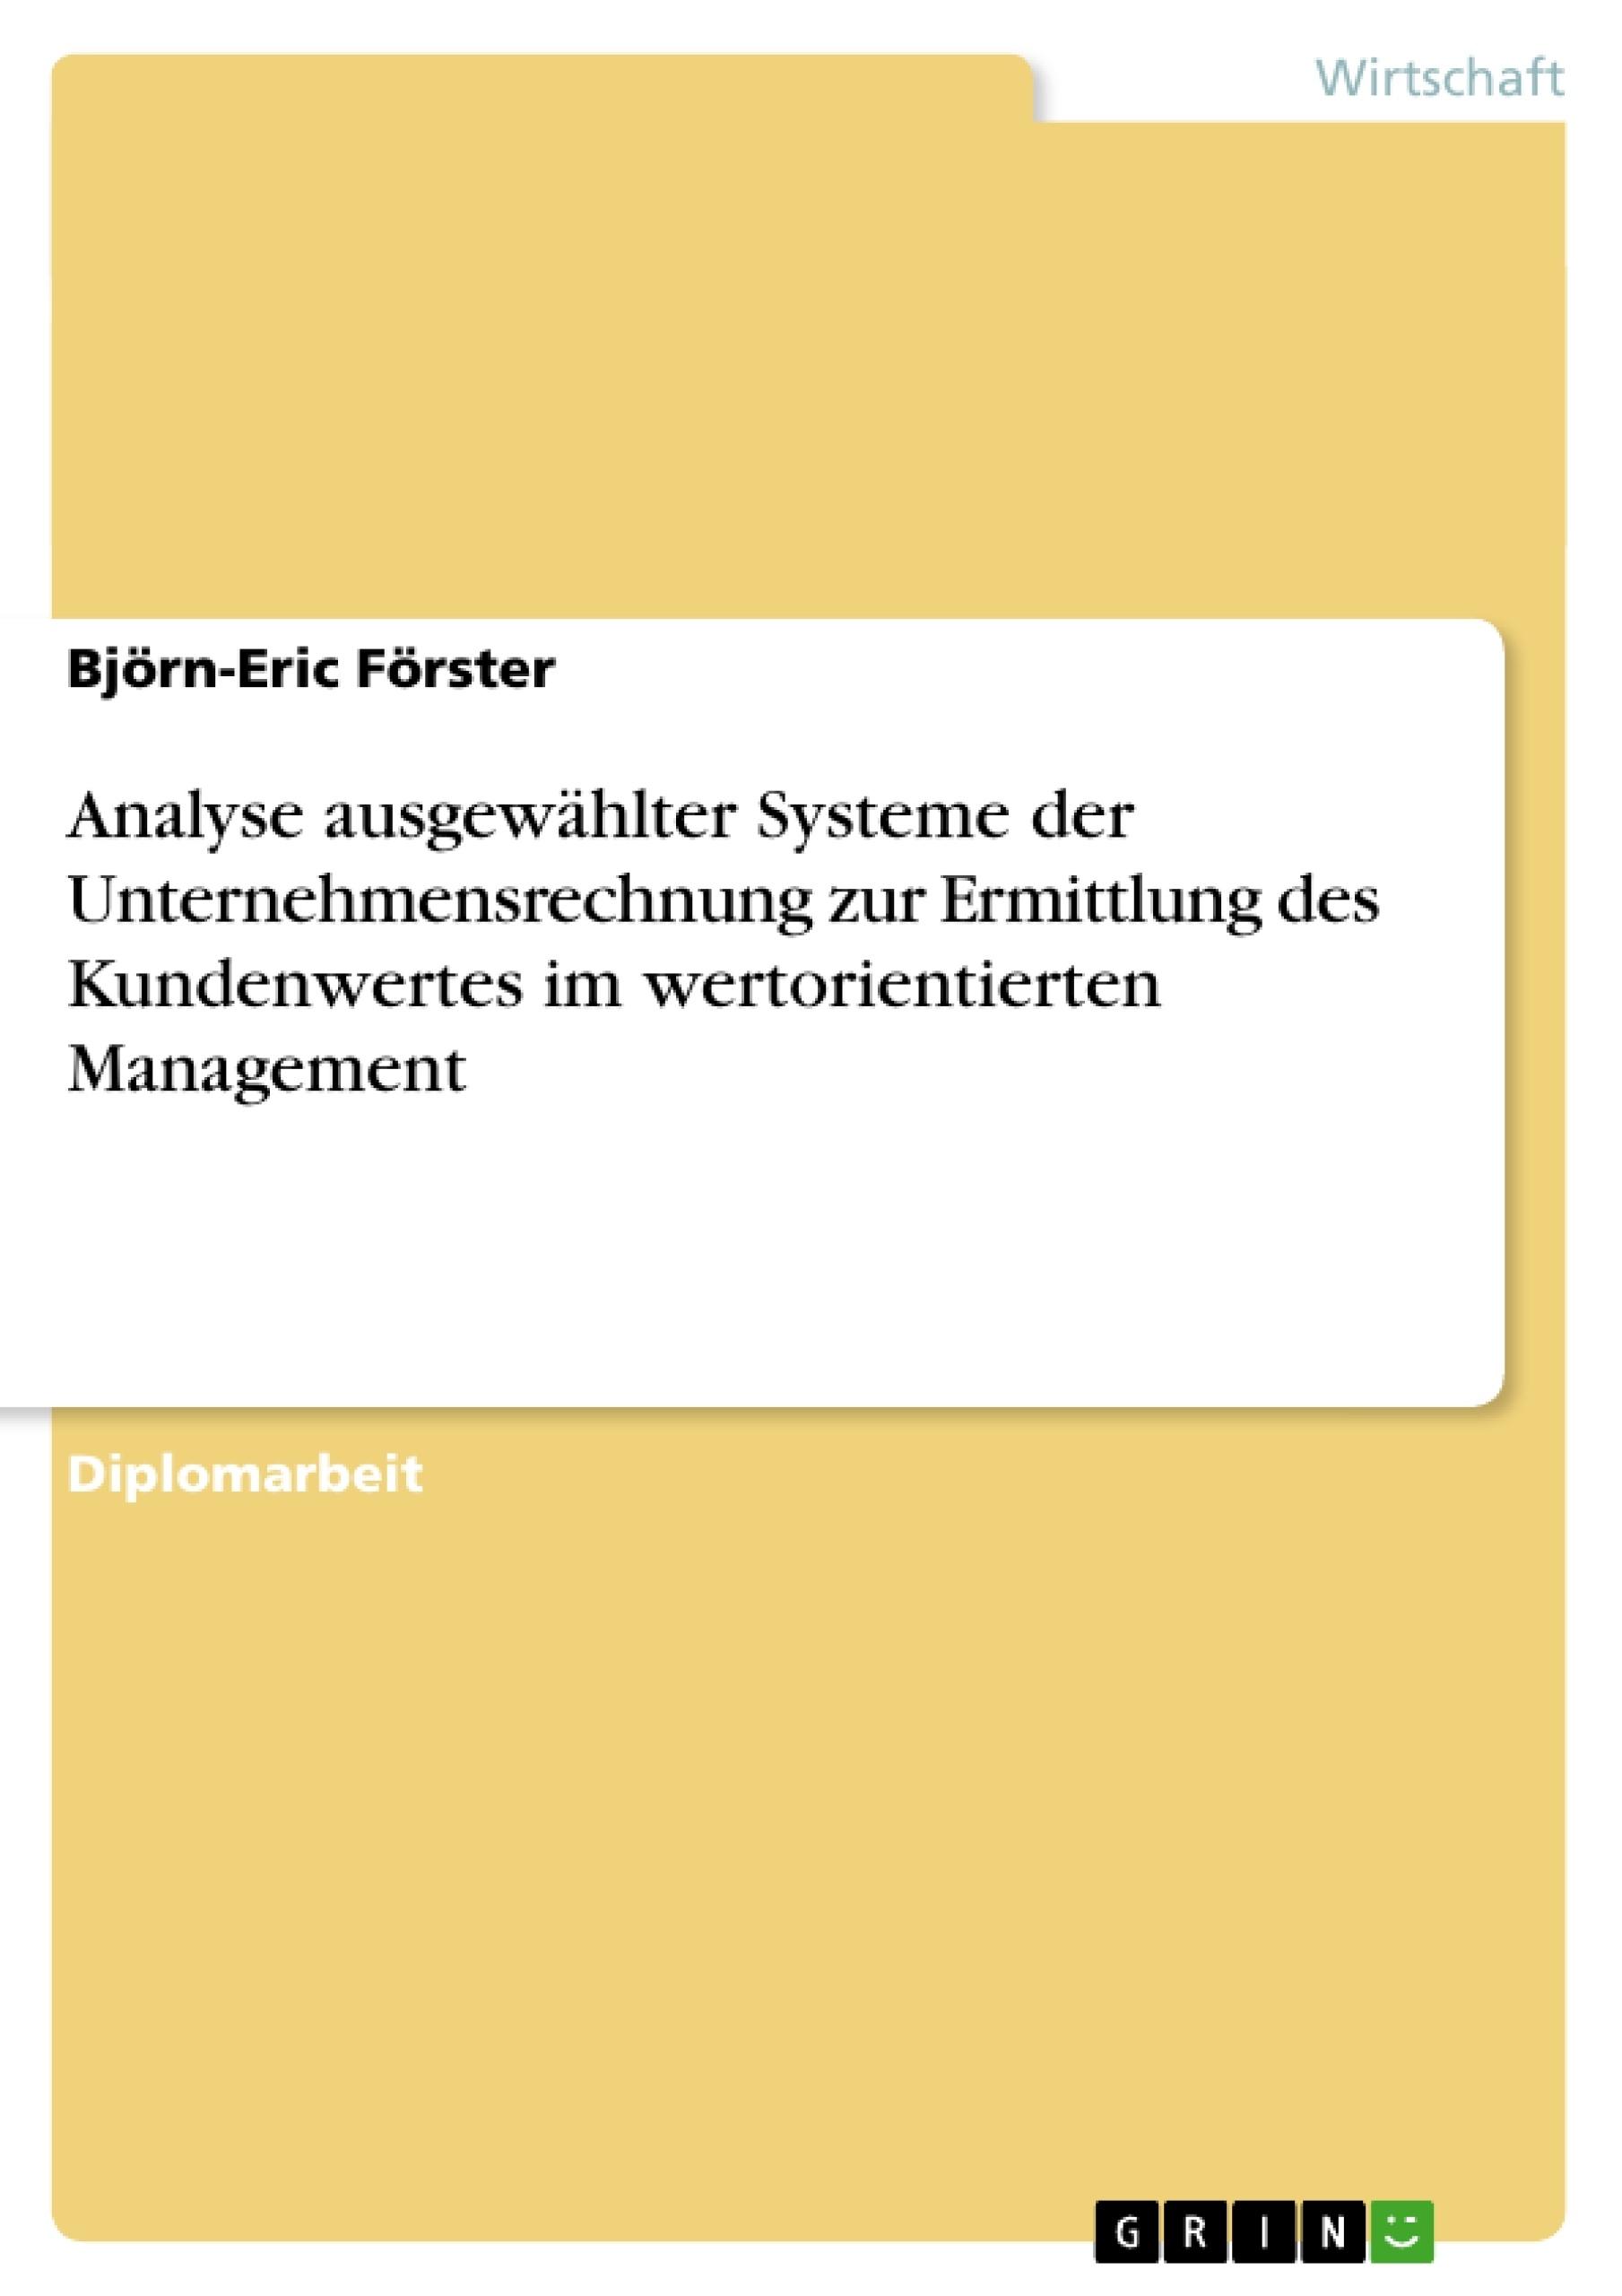 Titel: Analyse ausgewählter Systeme der Unternehmensrechnung zur Ermittlung des Kundenwertes im wertorientierten Management